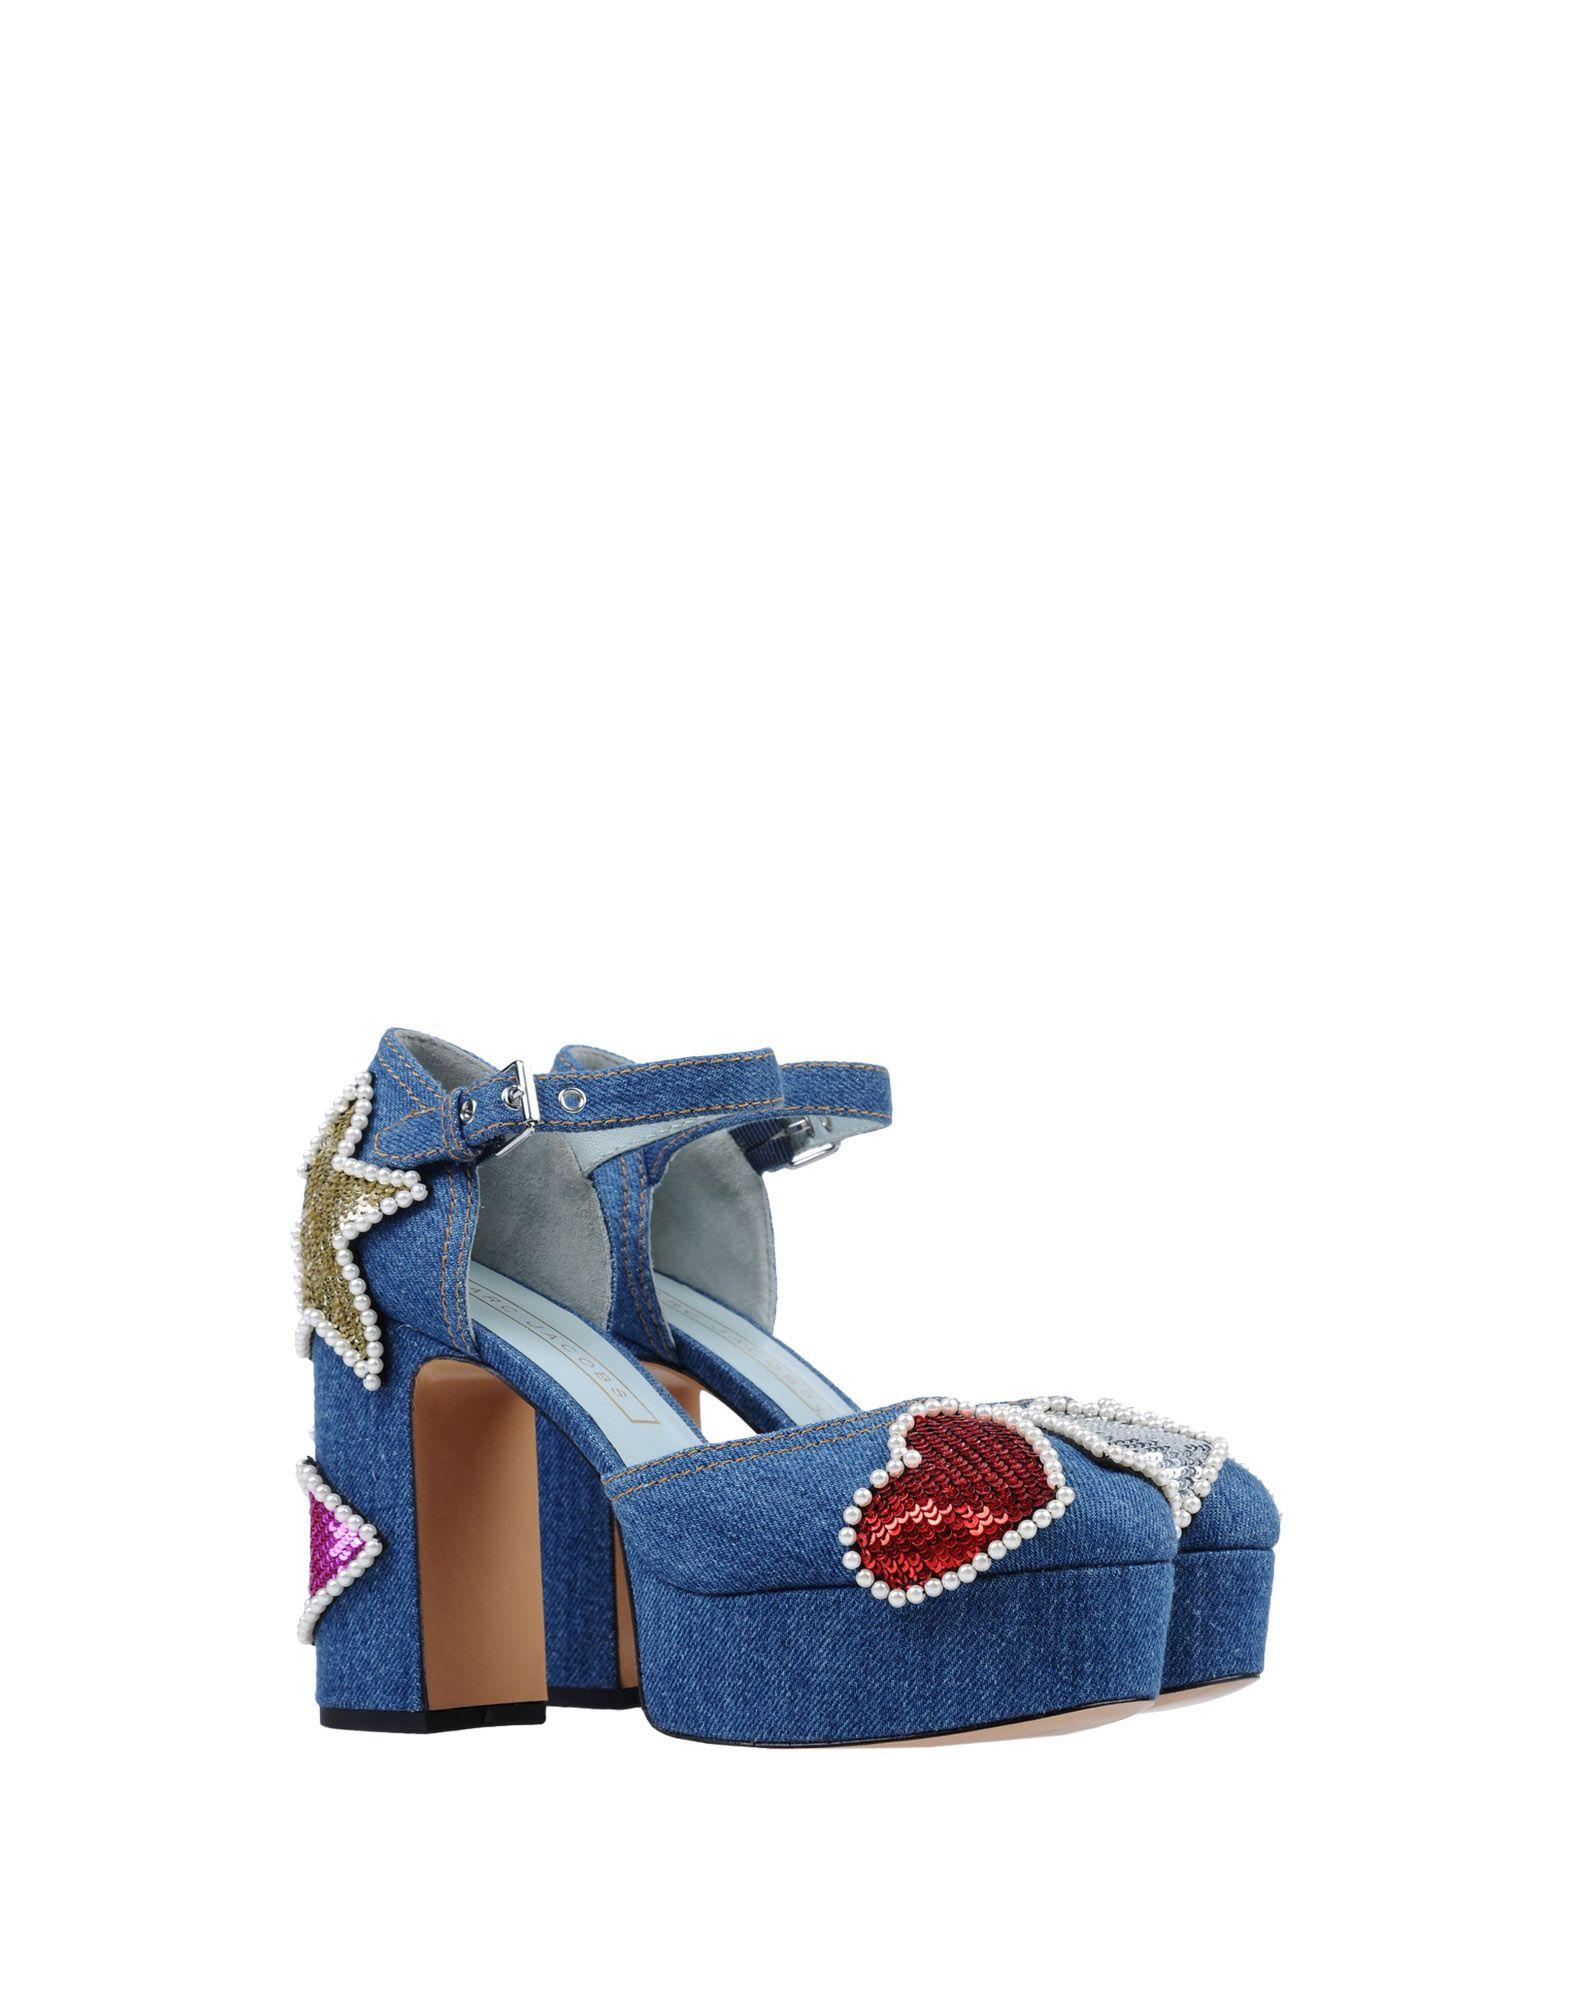 Marc Jacobs strapazierfähige Pumps Damen  11382904SHGut aussehende strapazierfähige Jacobs Schuhe 9e3416